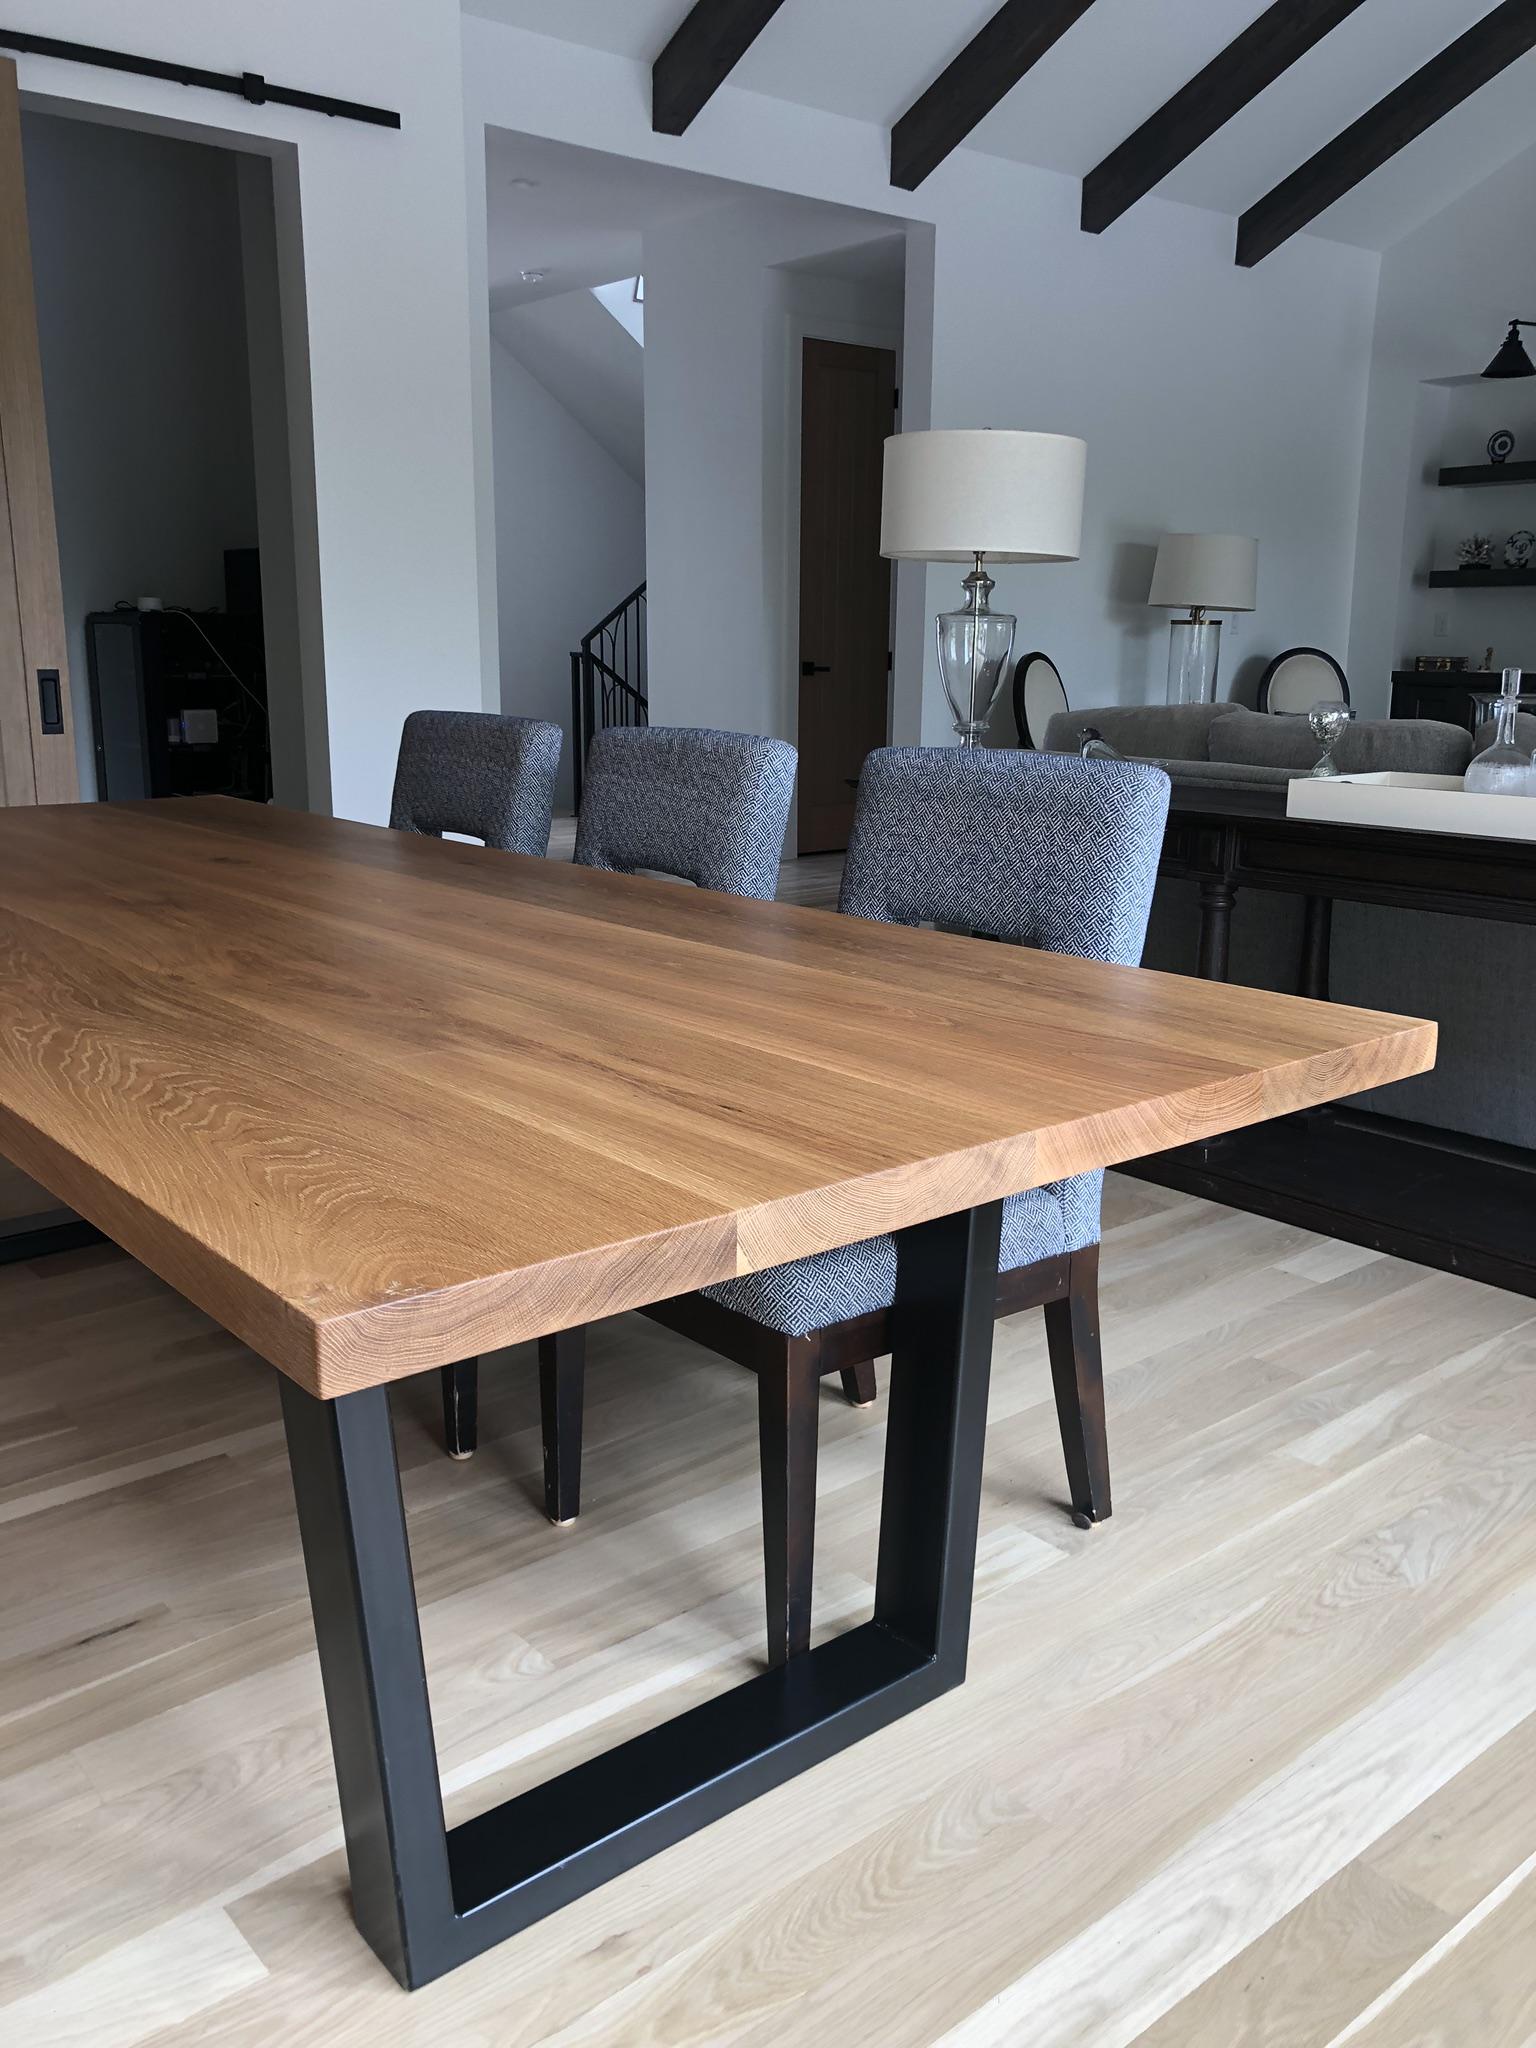 House of Alpine White Oak Dining Table Tapered Legs.jpg